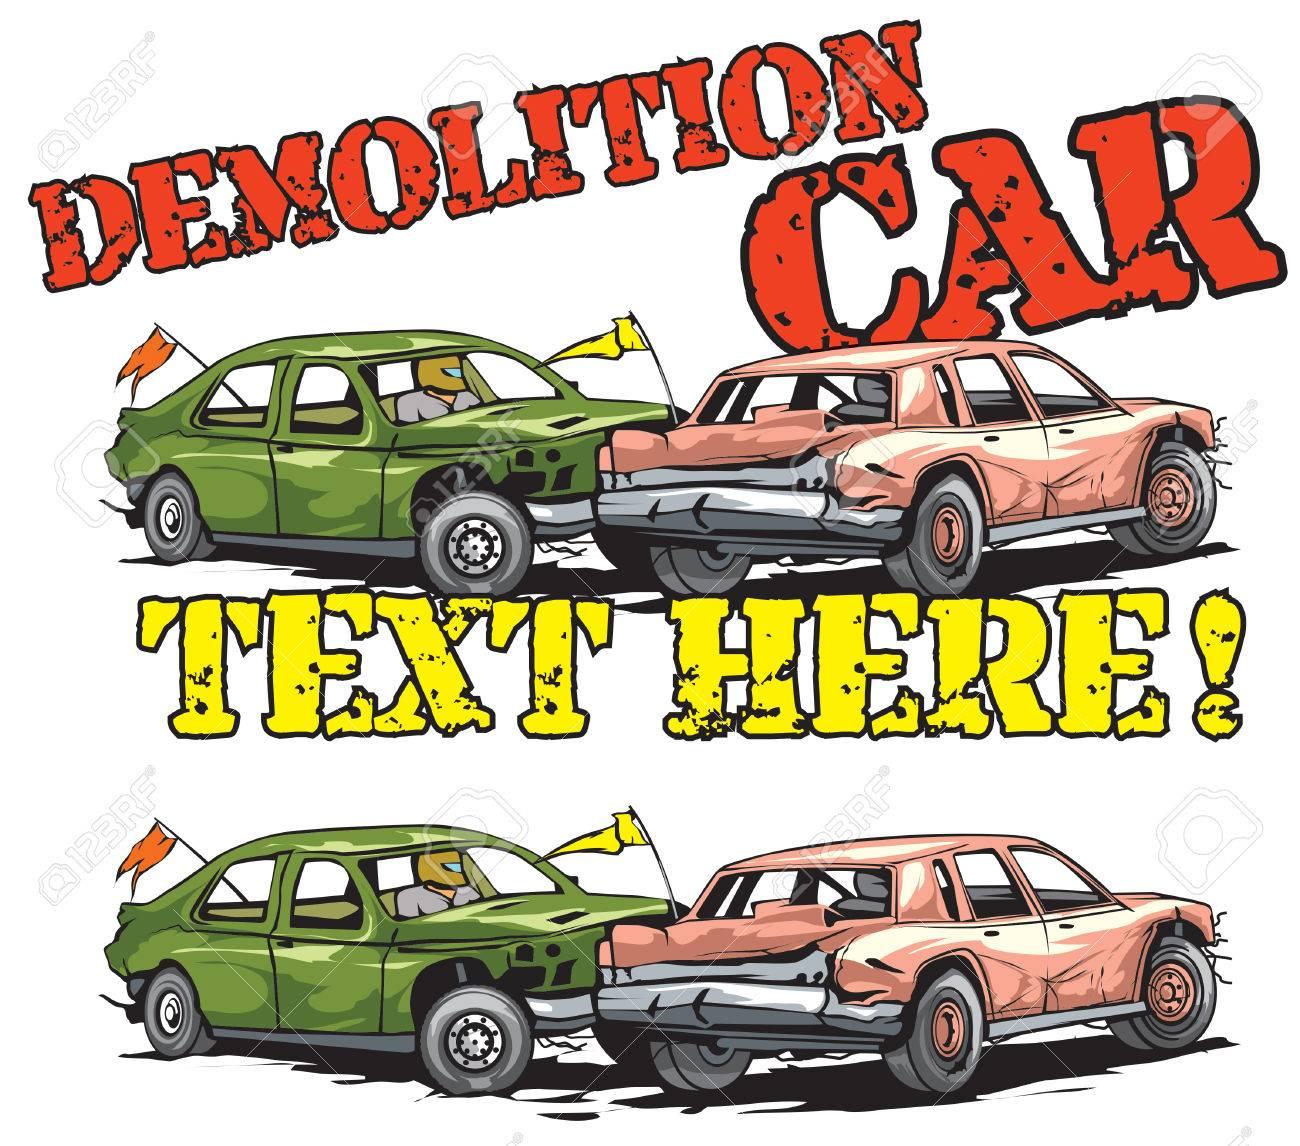 Demolition car derby icon design.